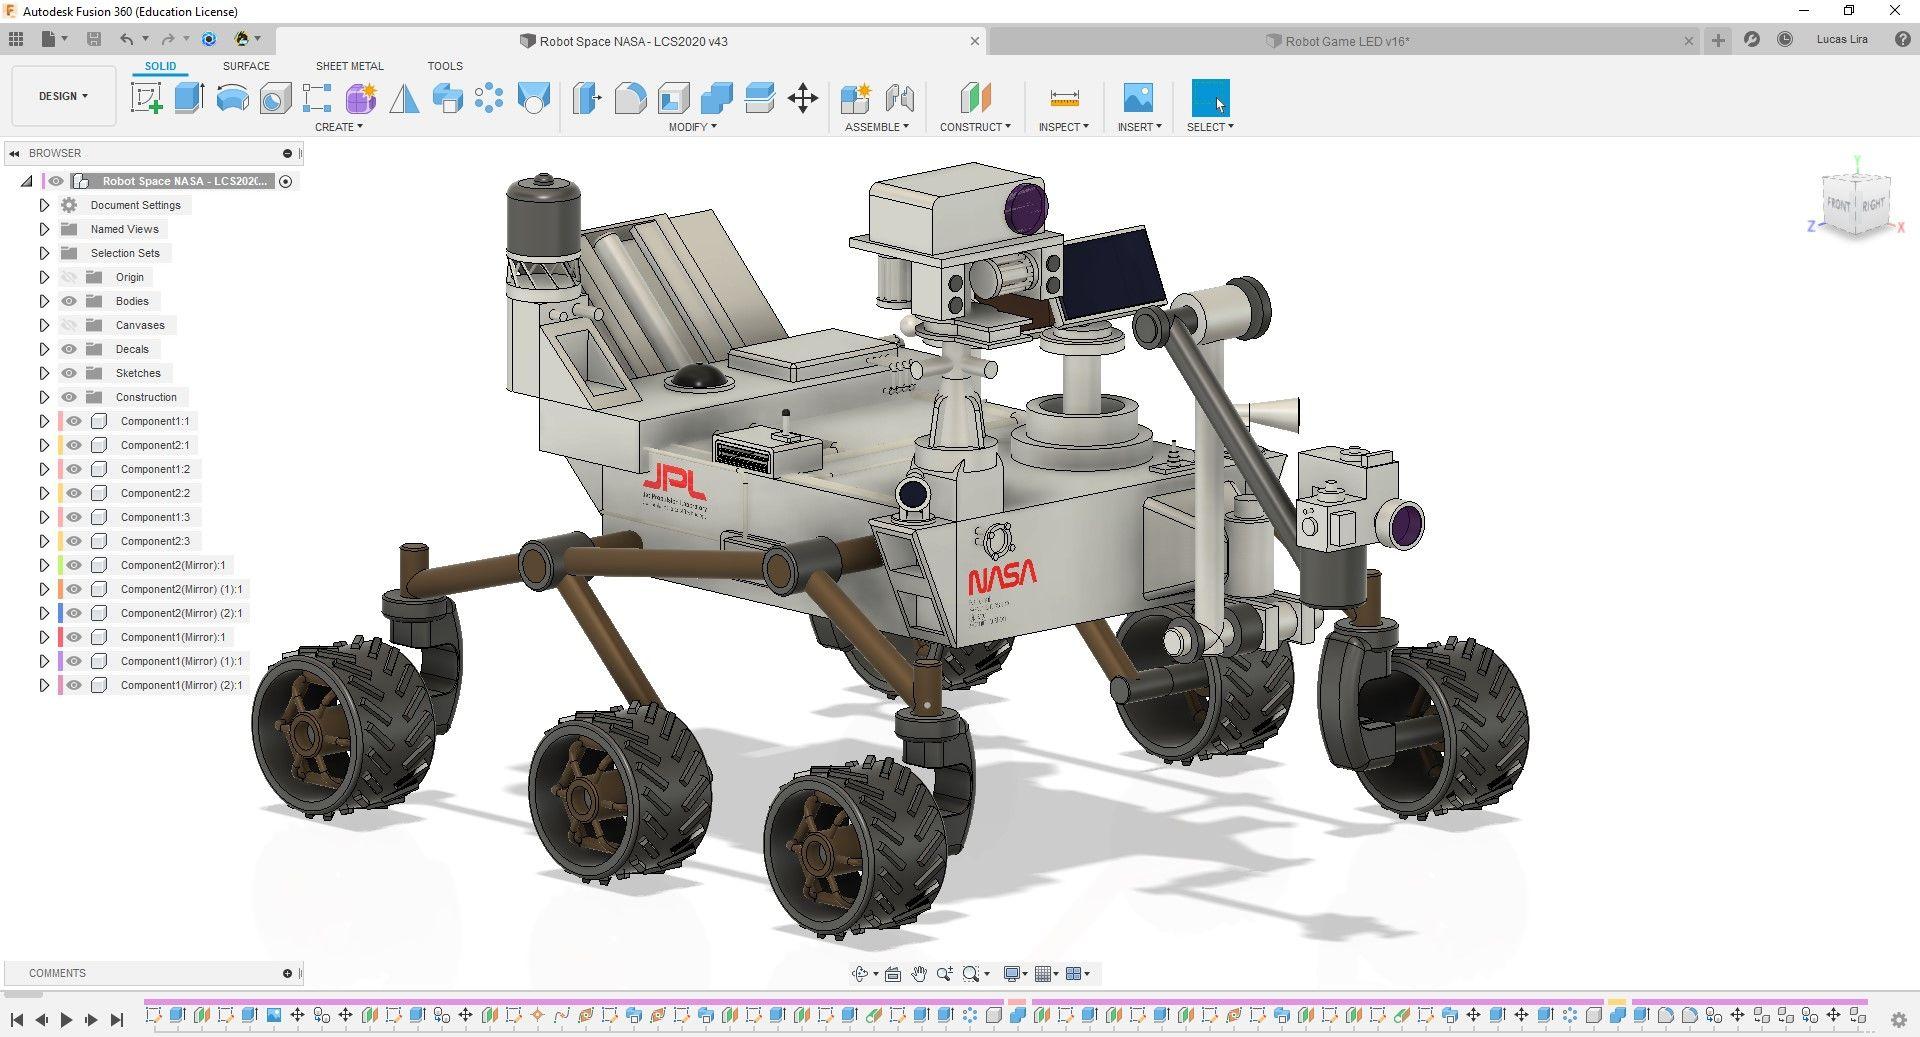 Rover-nasa---lcs2020-fabnerdes-design-eng-3500-3500